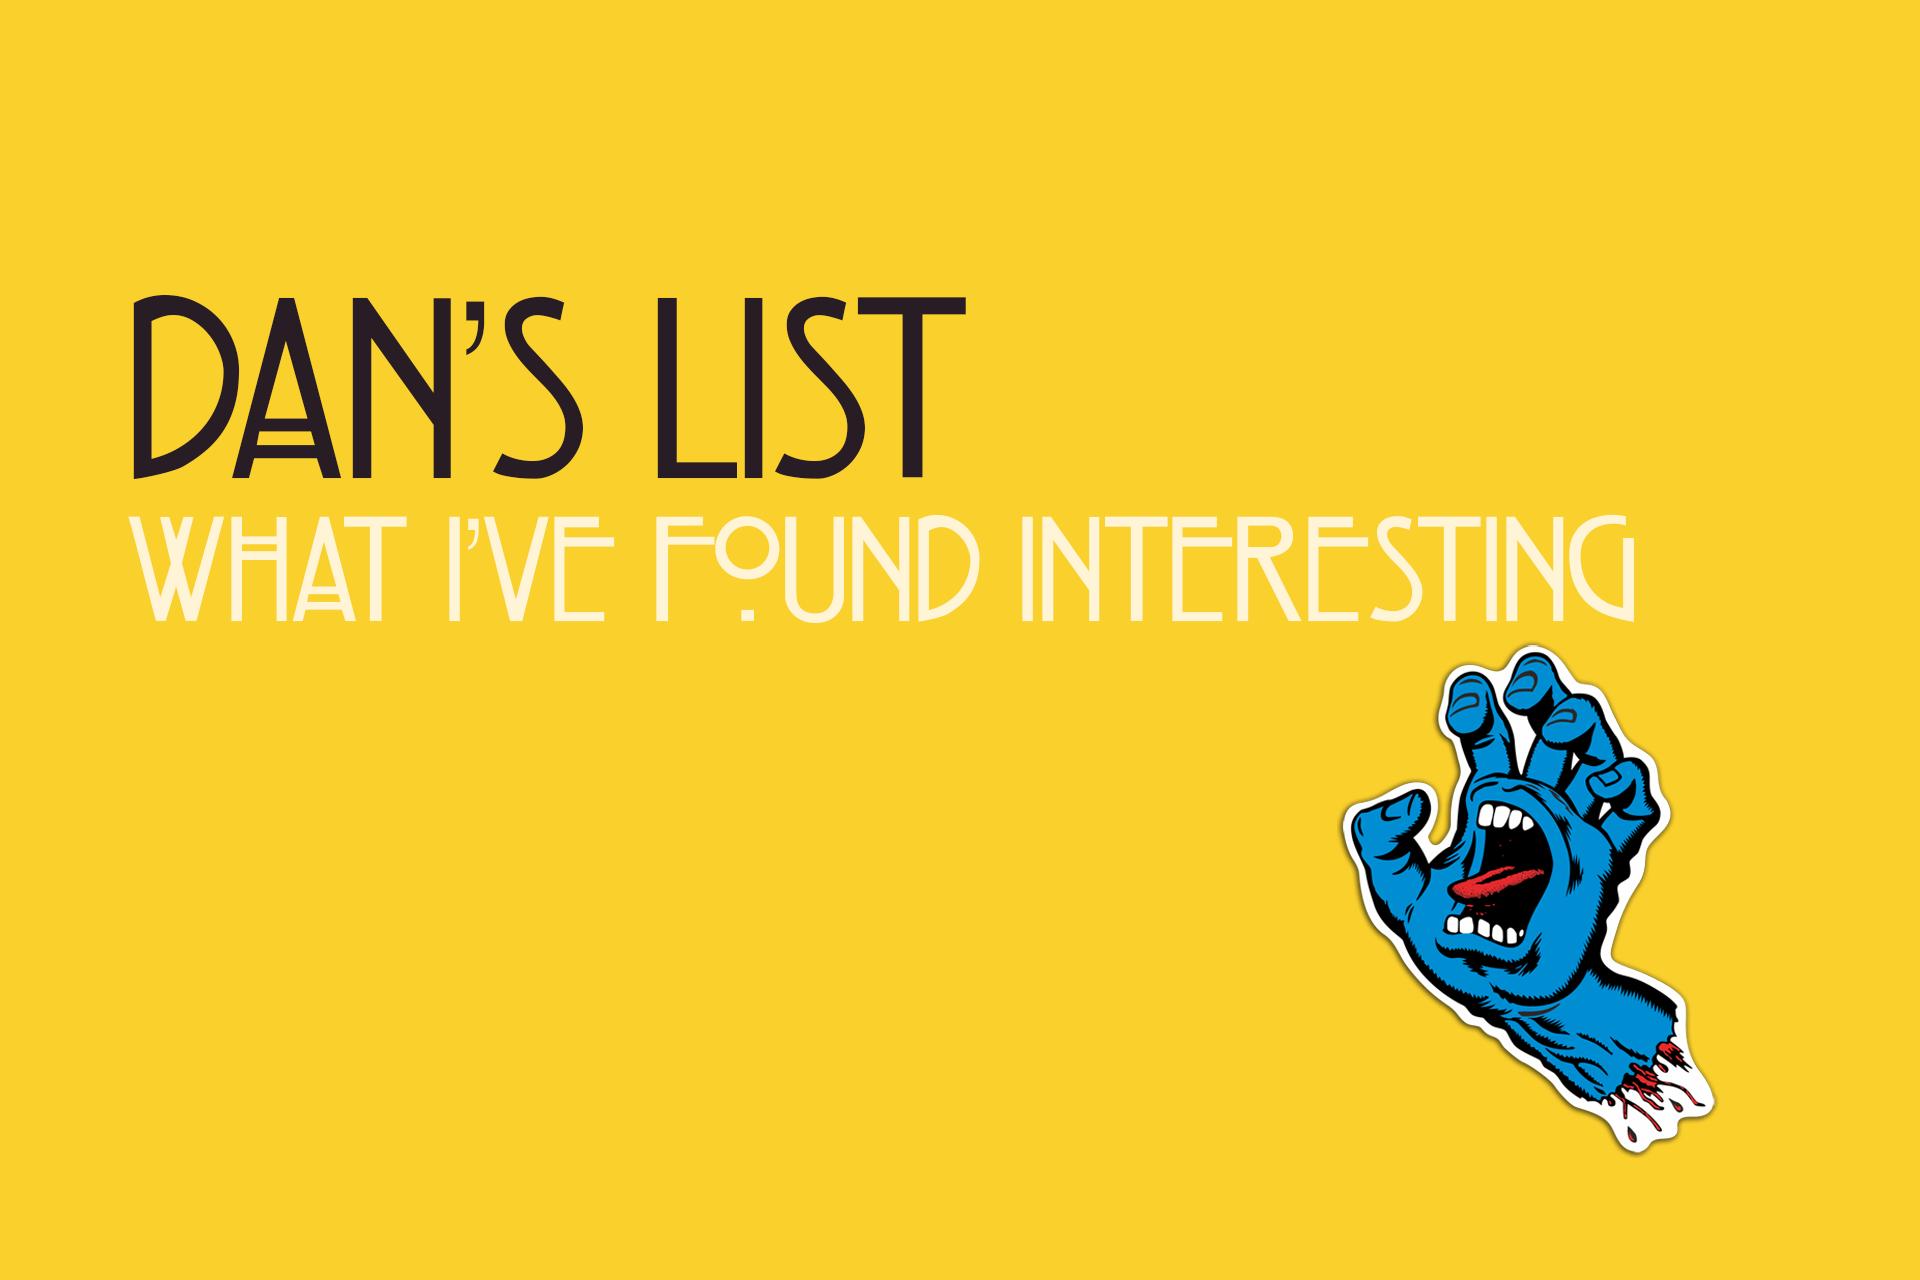 Dan's List